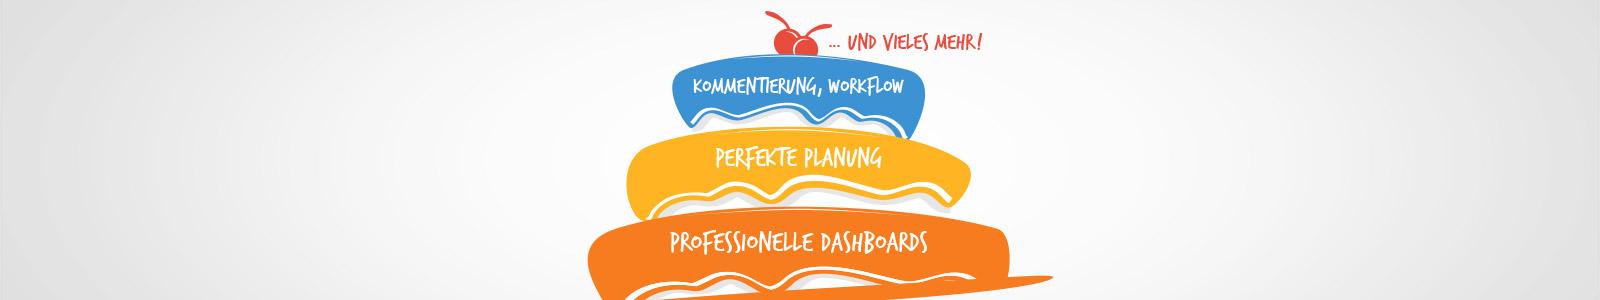 Mit uns kriegen Sie' s gebacken – Dashboards und Planung mit Profis für Profis!